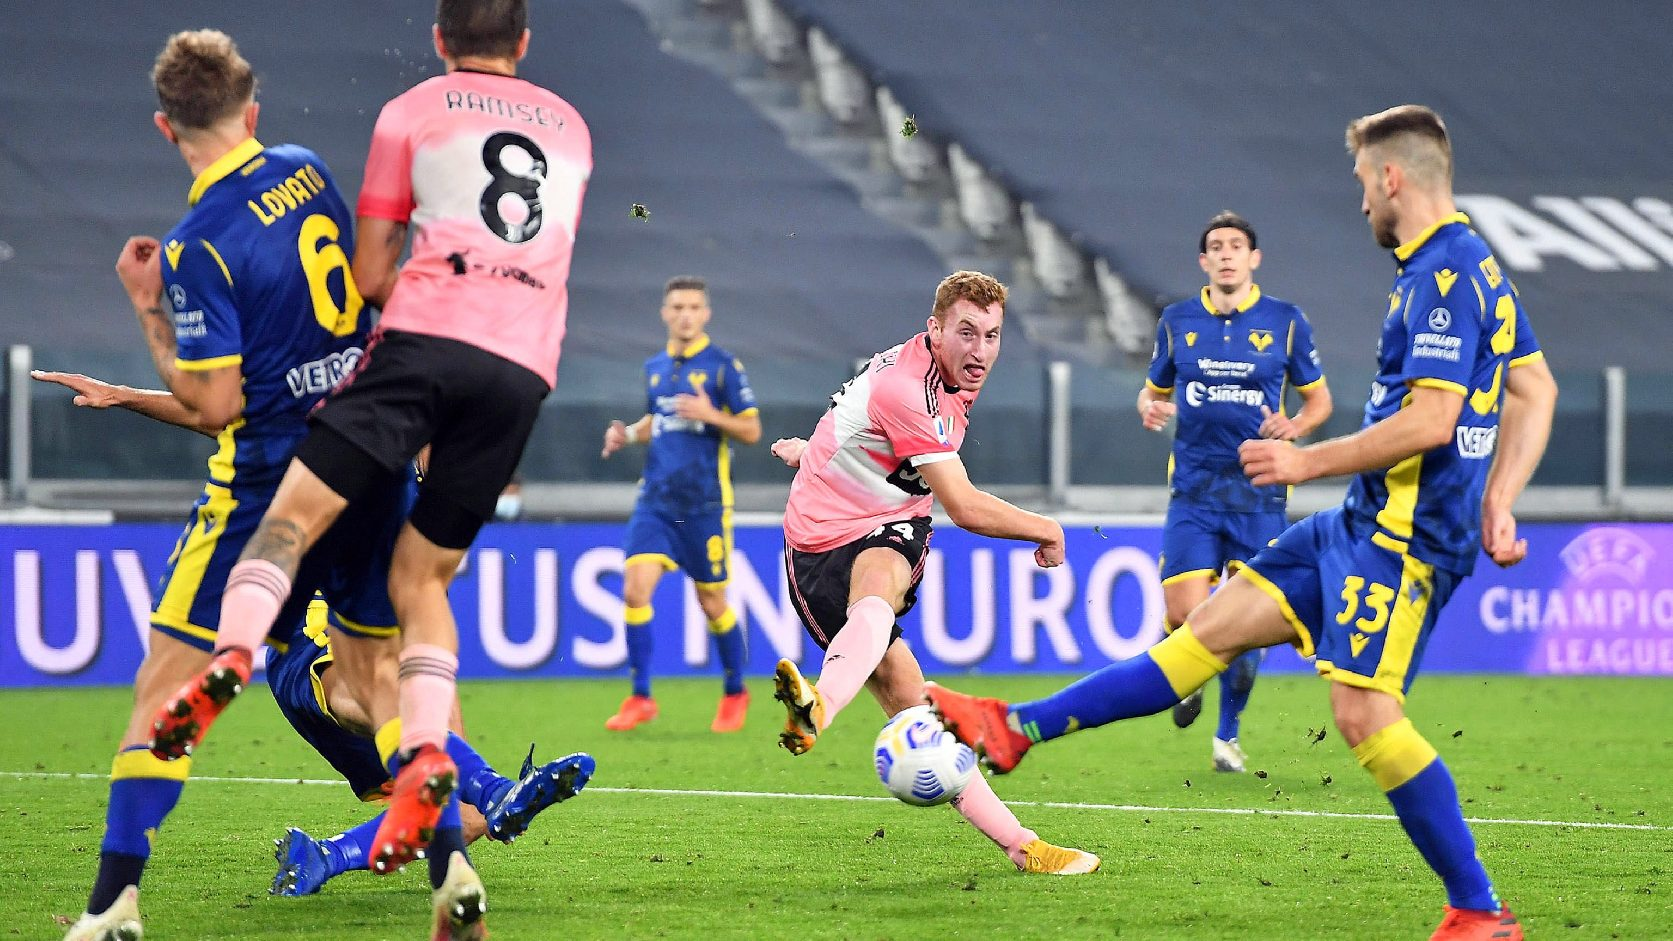 Pontokat veszített a Verona ellen a Juventus | M4 Sport